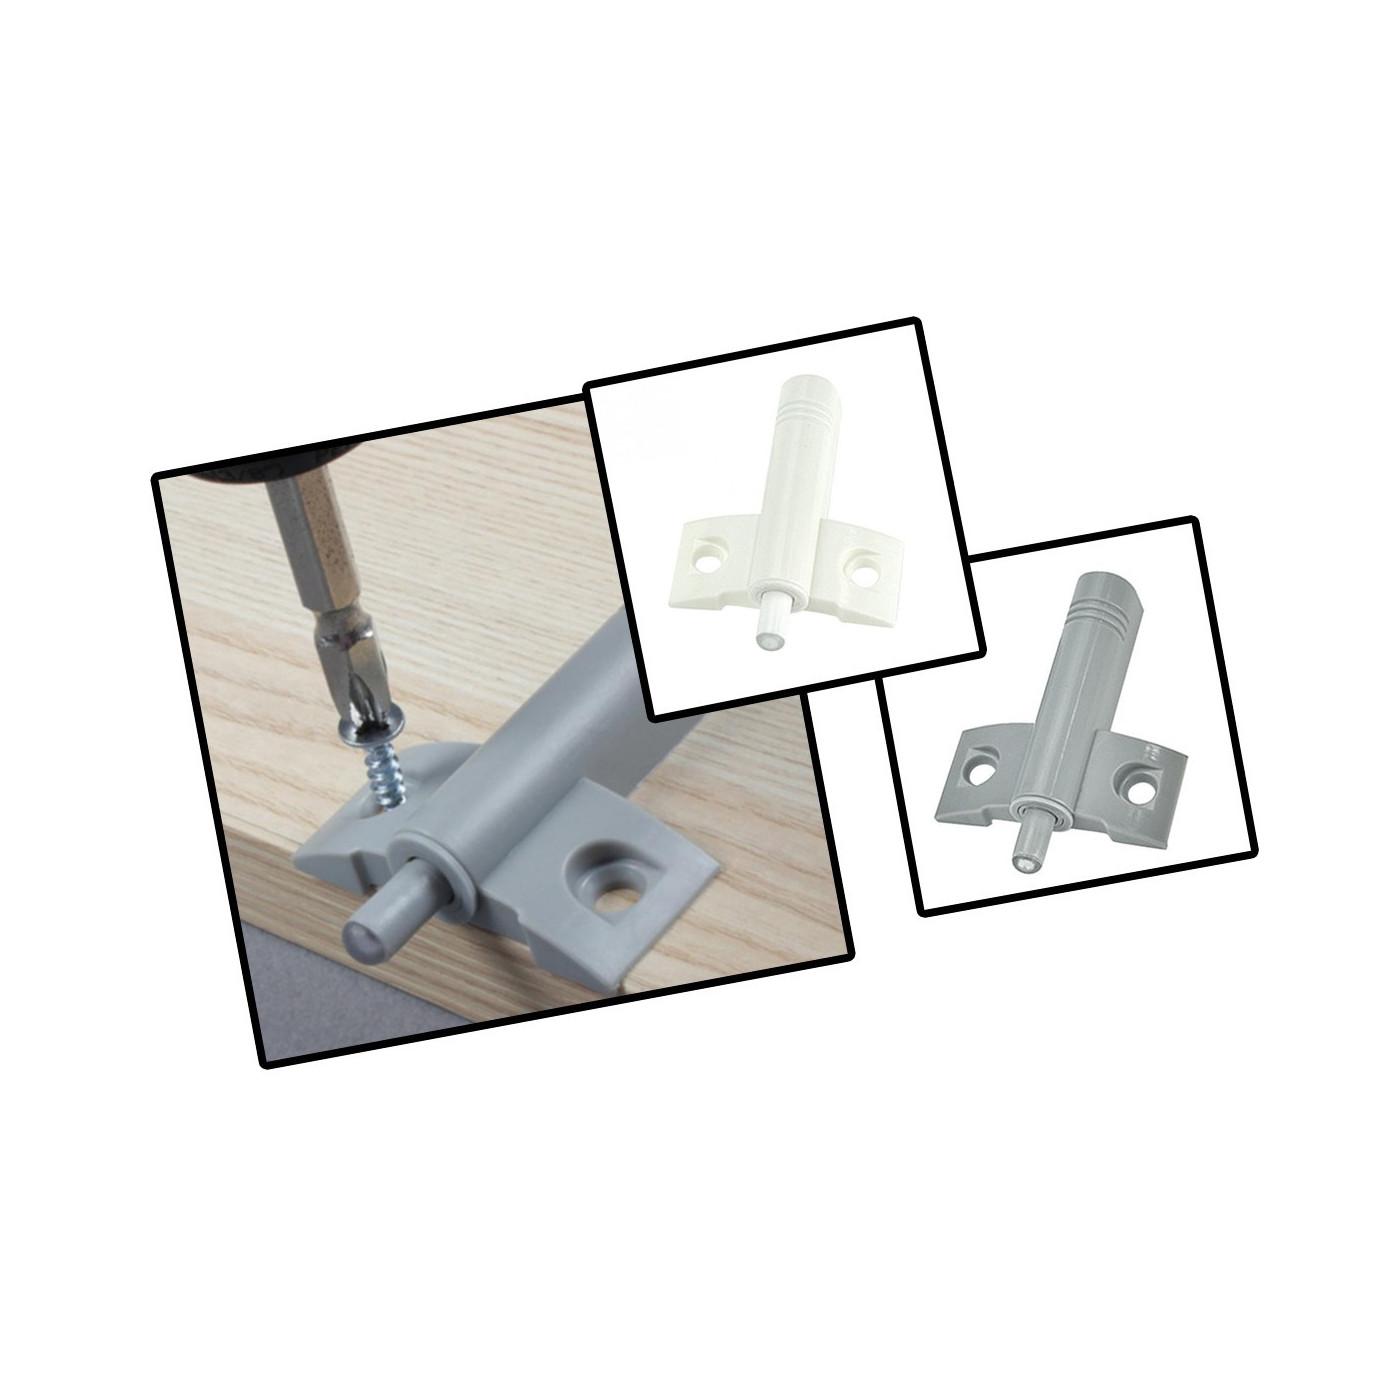 Zestaw 10 plastikowych przepustnic drzwi (białe, w tym śruby, naciśnij, aby otworzyć)  - 1